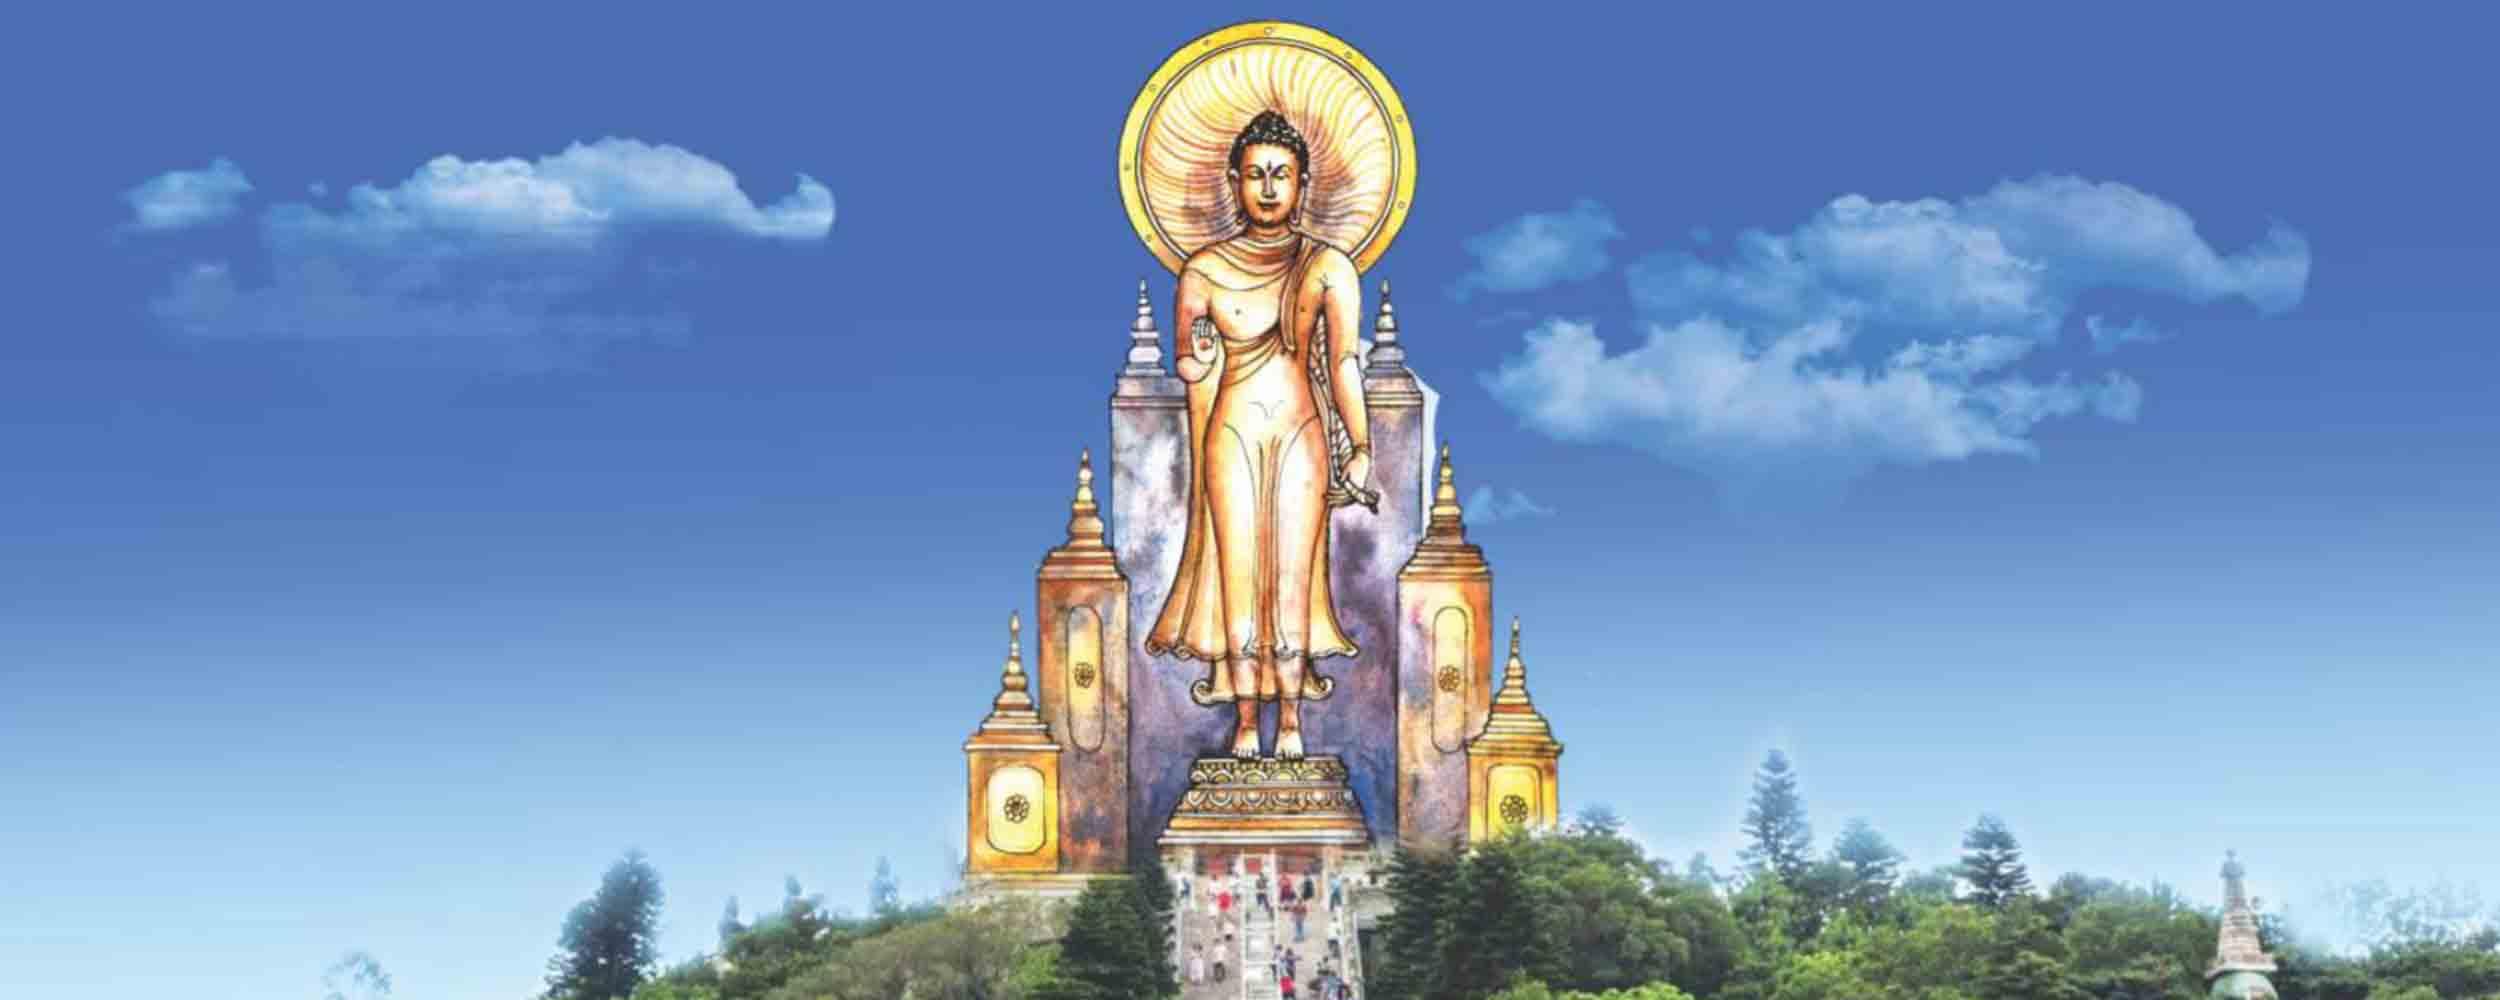 Nobinchera-mahabodhi BUDDHA